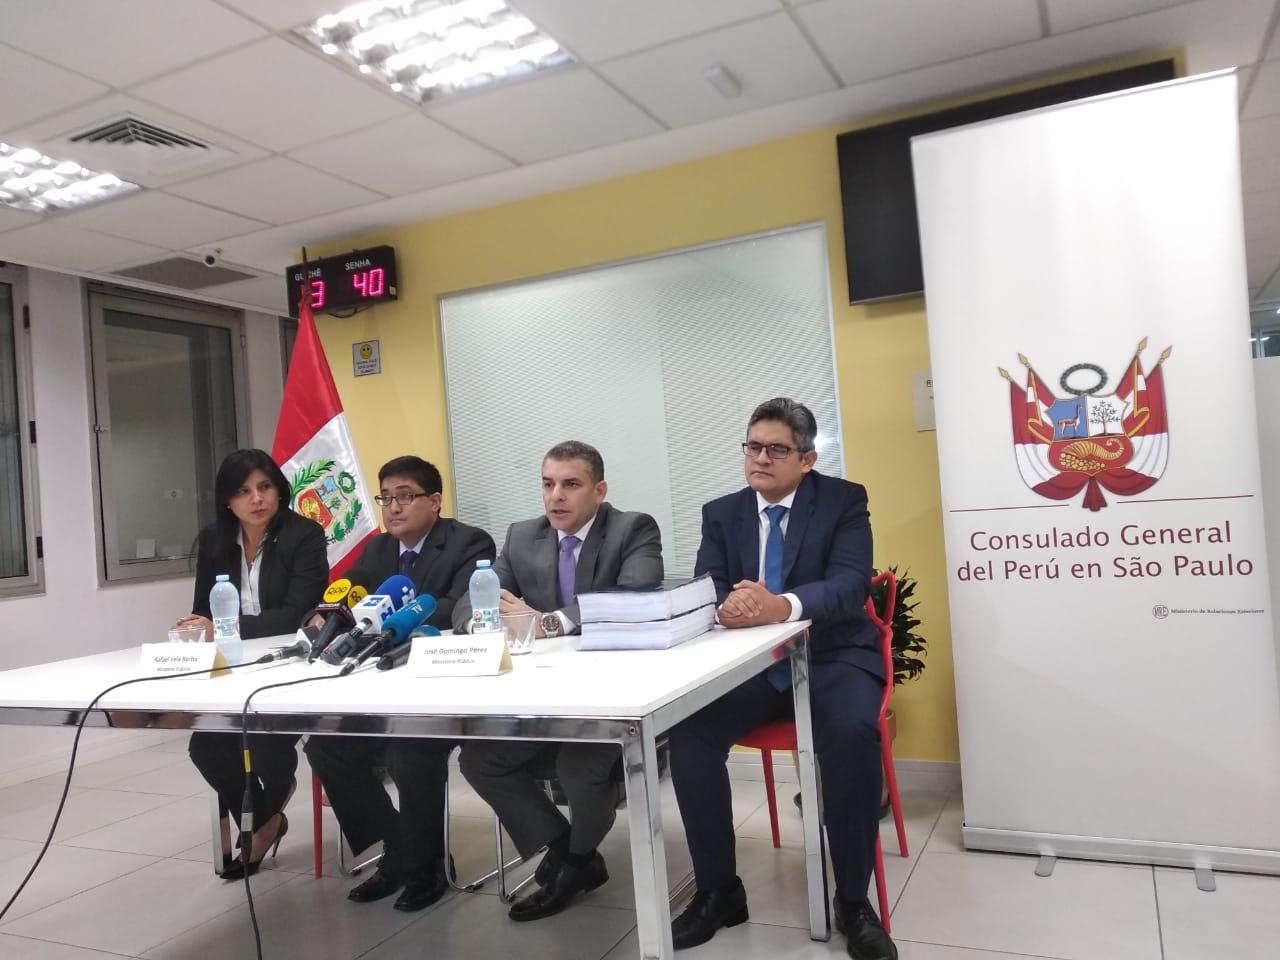 Acuerdo con Odebrecht generará un efecto dominó en otras empresas investigadas